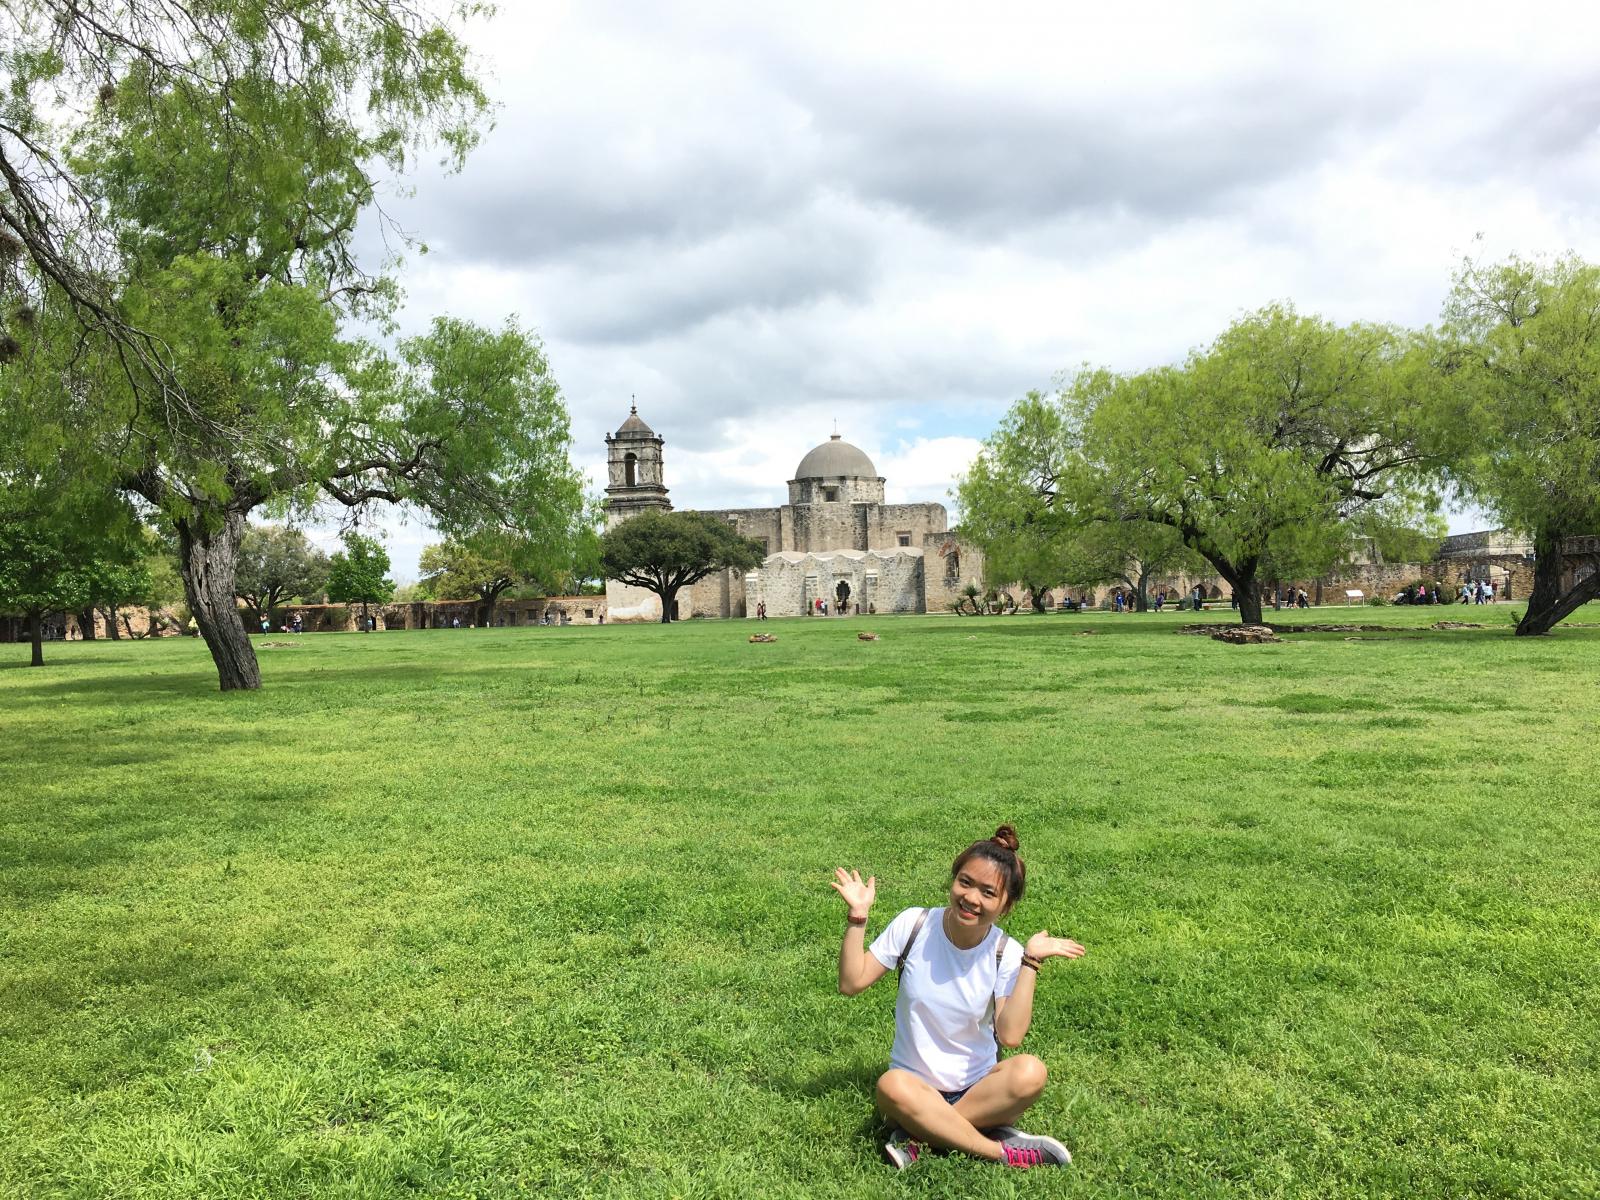 Du học Mỹ: Khám phá thành phố xinh đẹp San Antonio